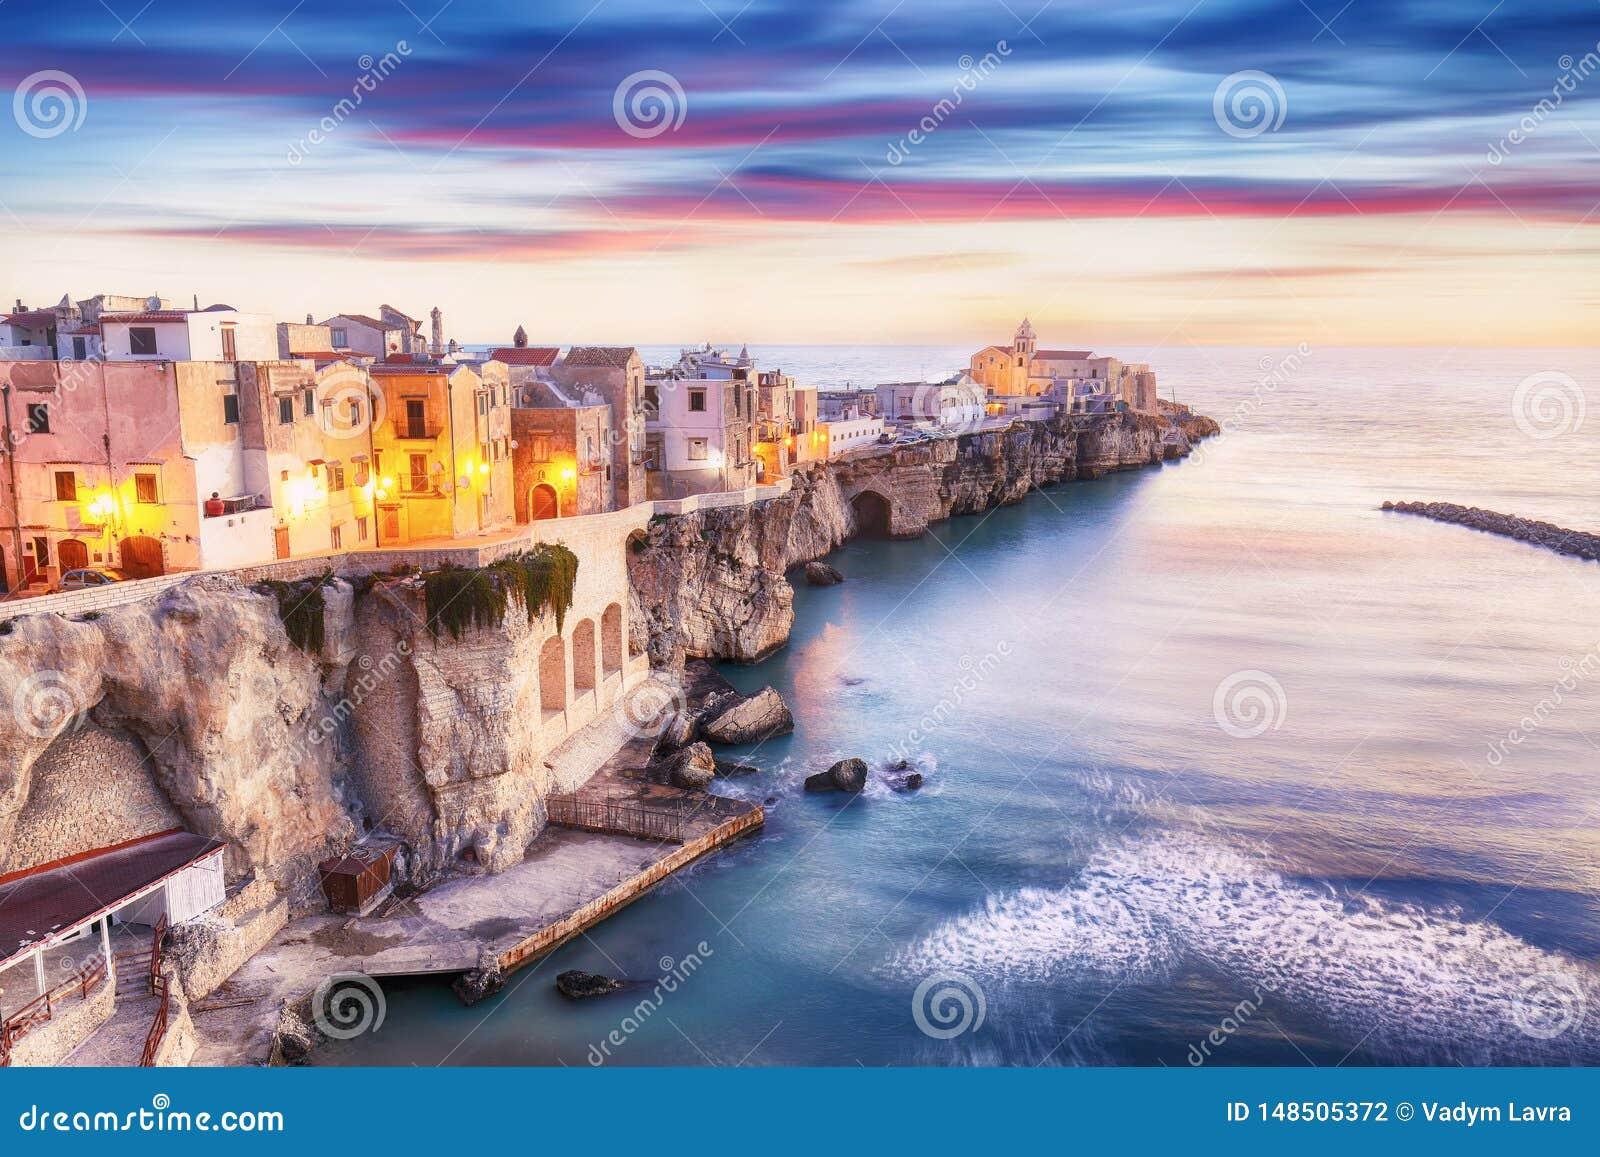 Vieste - beautiful coastal town in Puglia